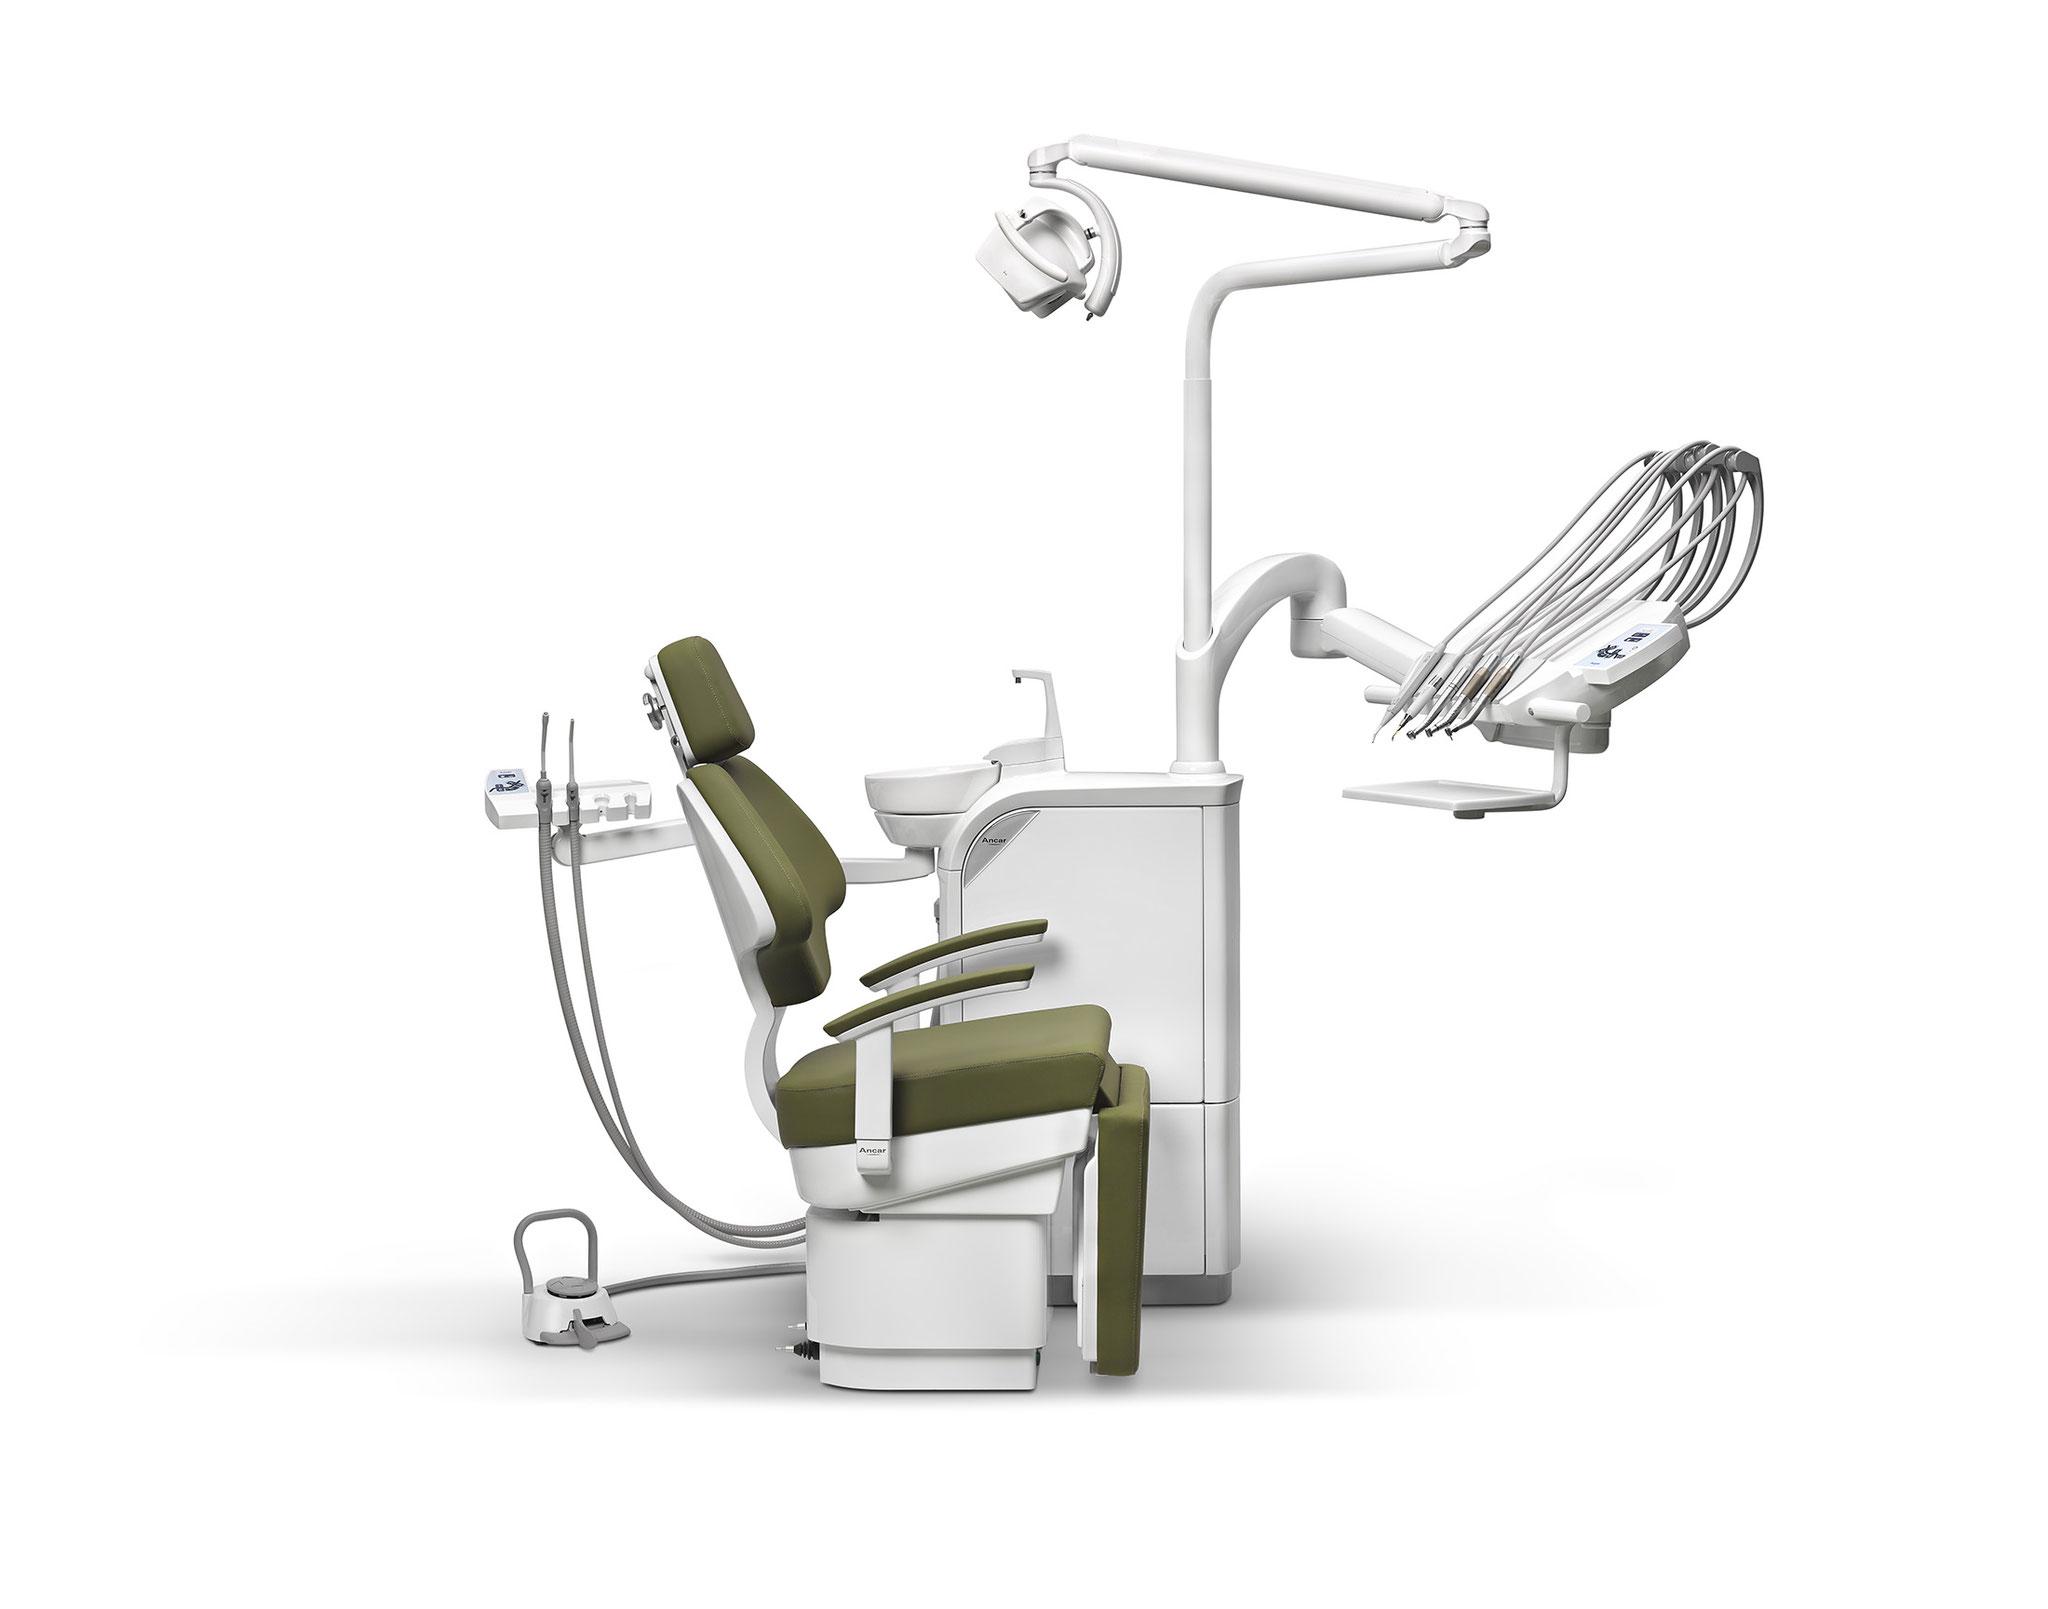 SD-715 Patientenstuhl S7 + SD-150 mit Schwingbügel